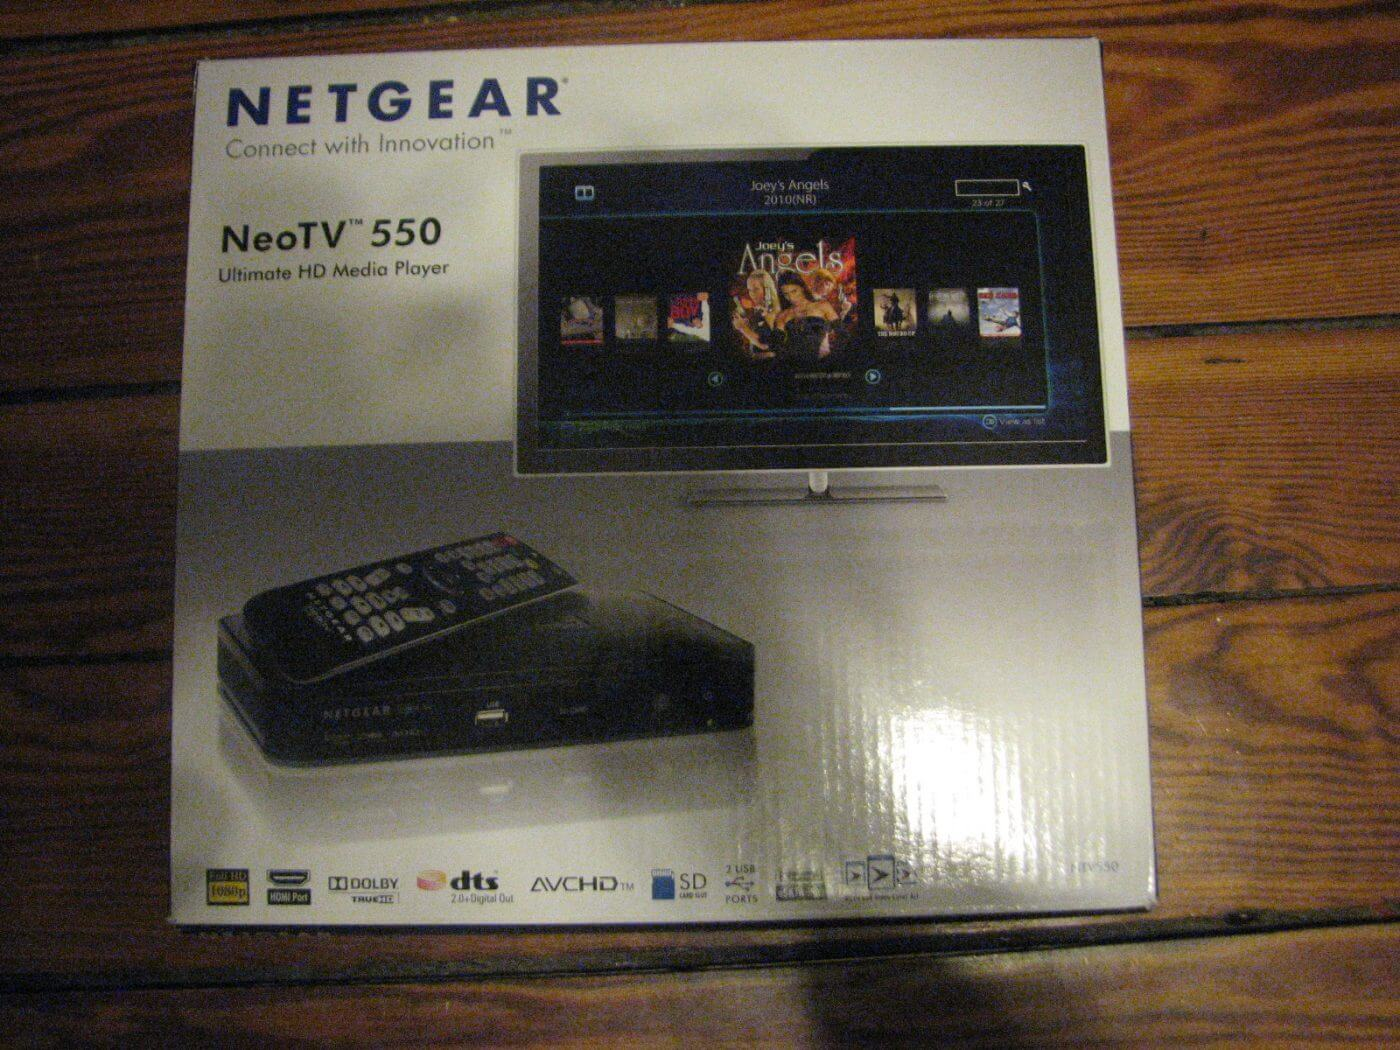 Netgear NeoTV 550 Unboxing - Geek News Central